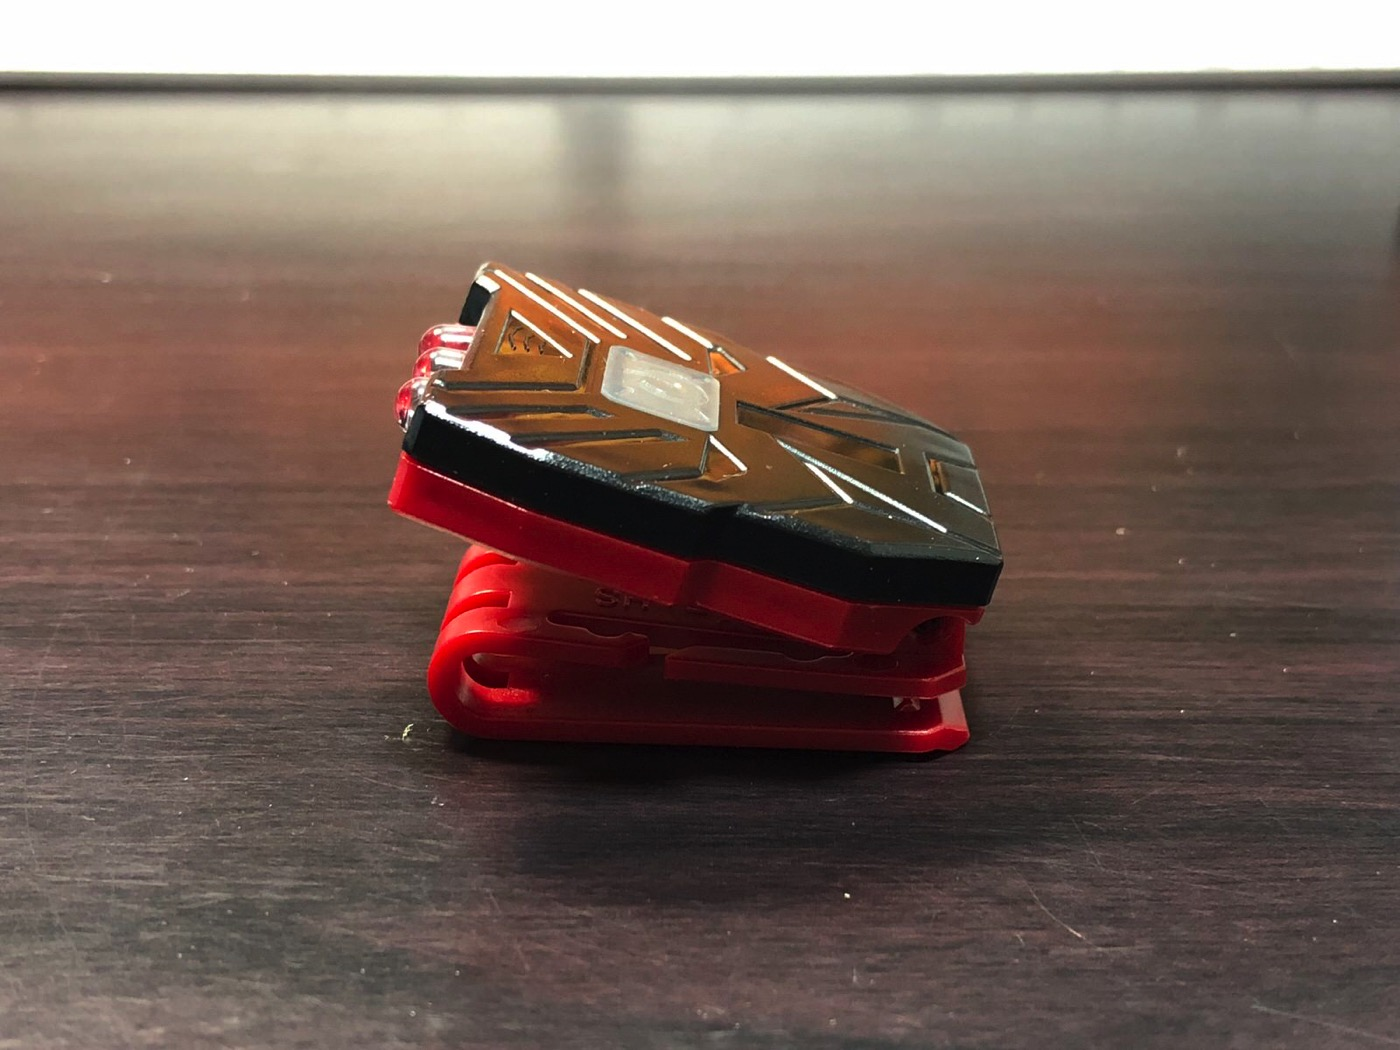 ヘッドライト 40ルーメン LEDキャップライト 帽子ライト センシング機能付 人感センサー ライト 2点灯モード 90度角度調節可能 帽子に挟んで使う-10